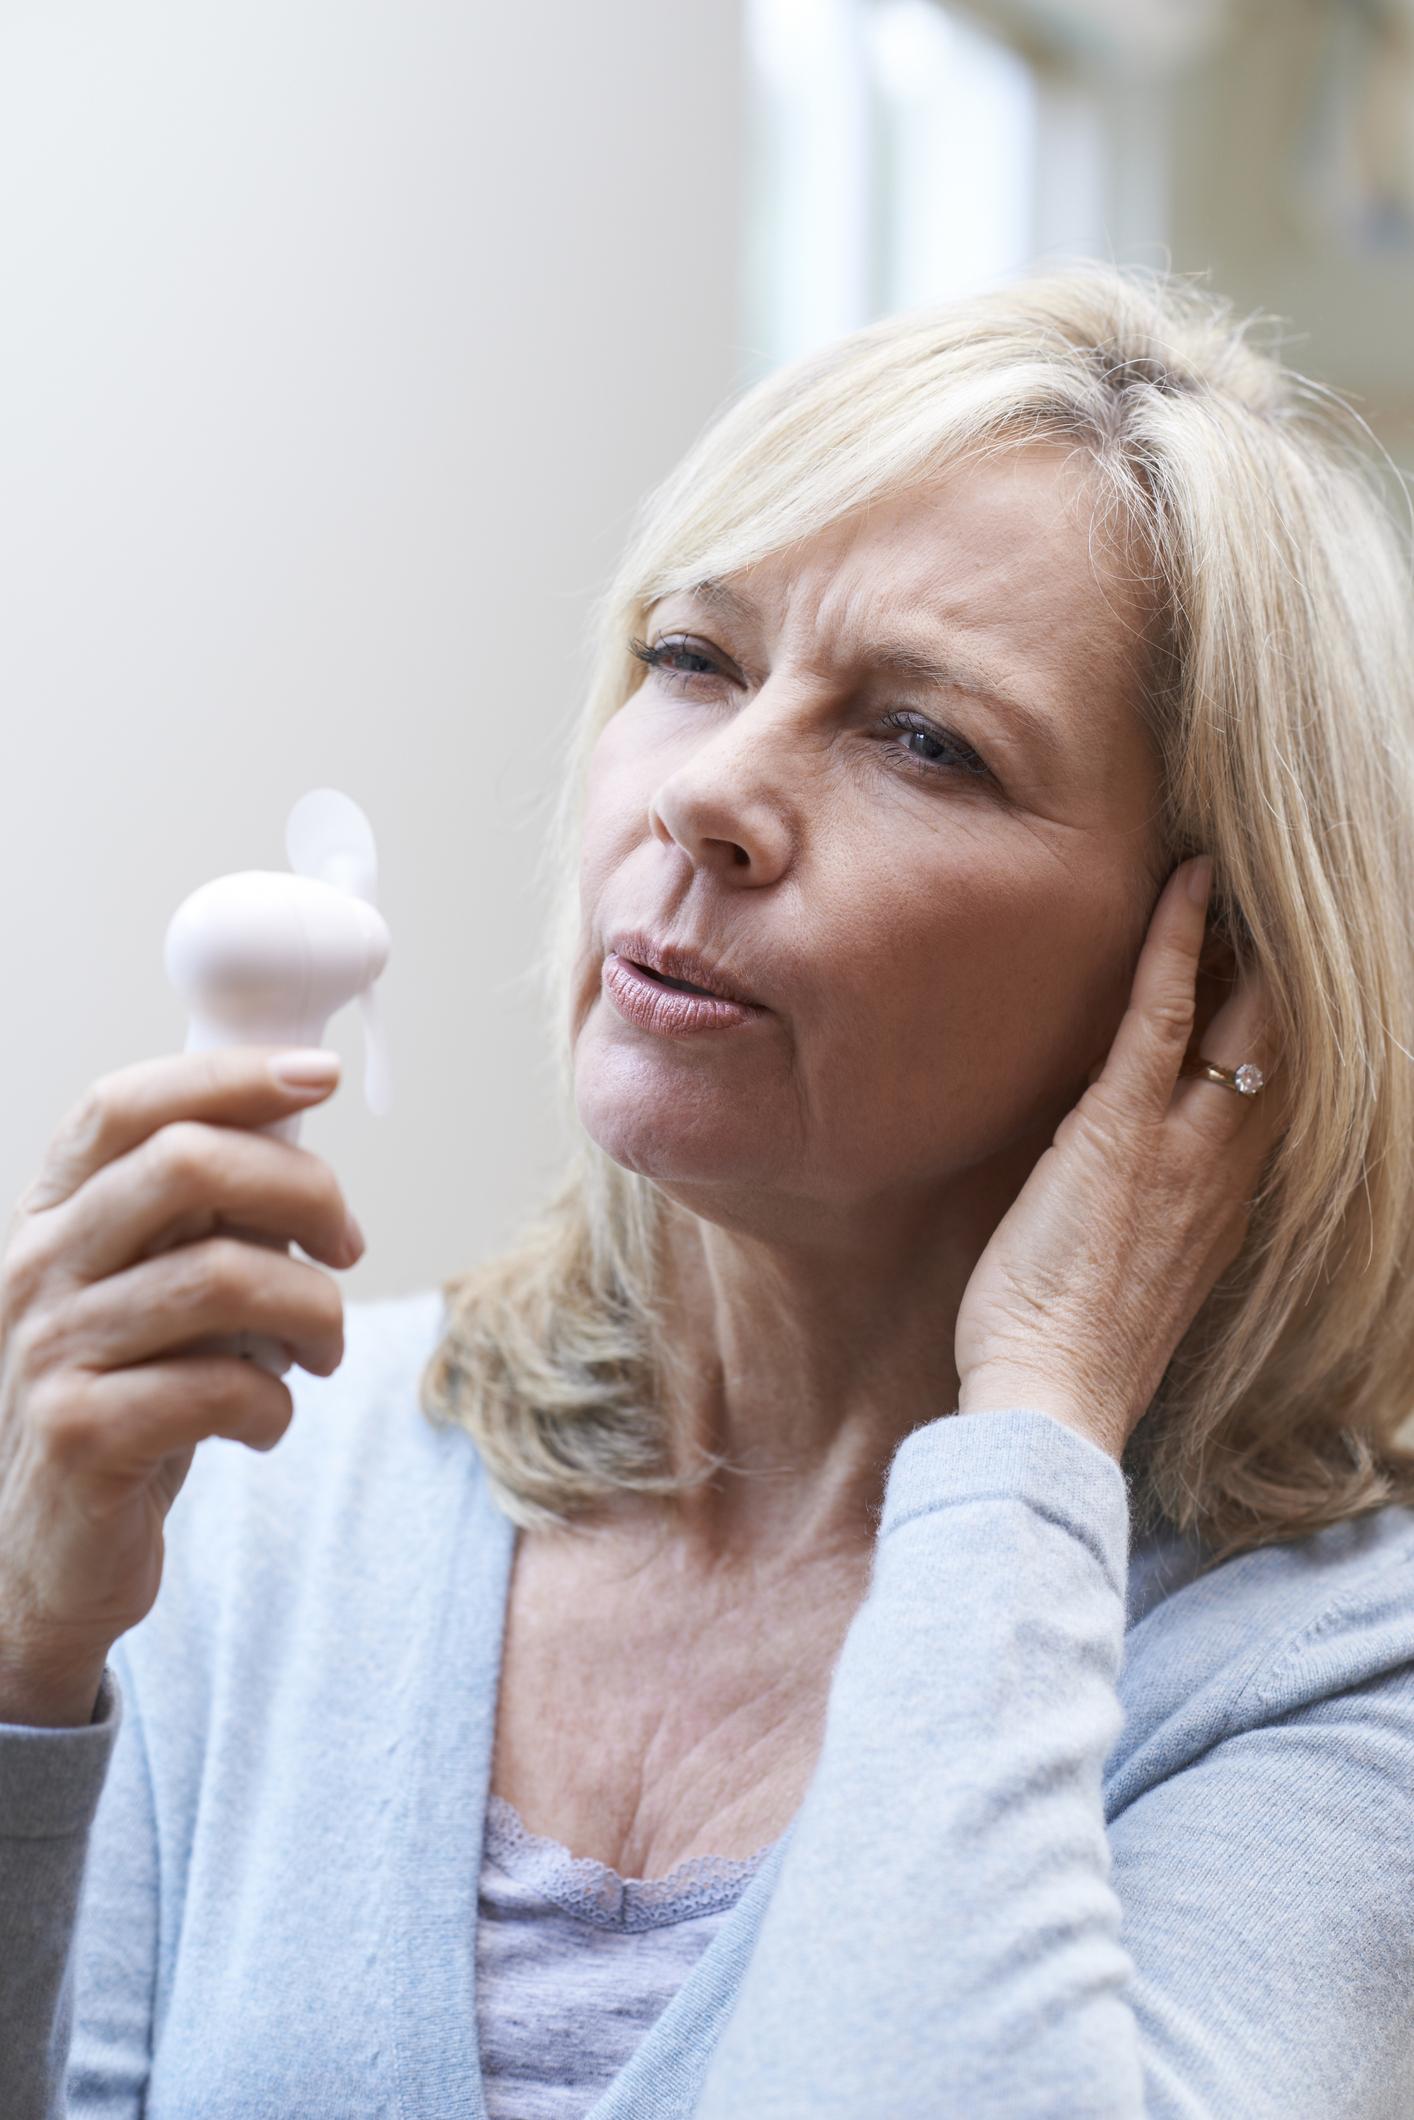 Eine Frau in ihren Wechseljahren. Heilpilze können helfen